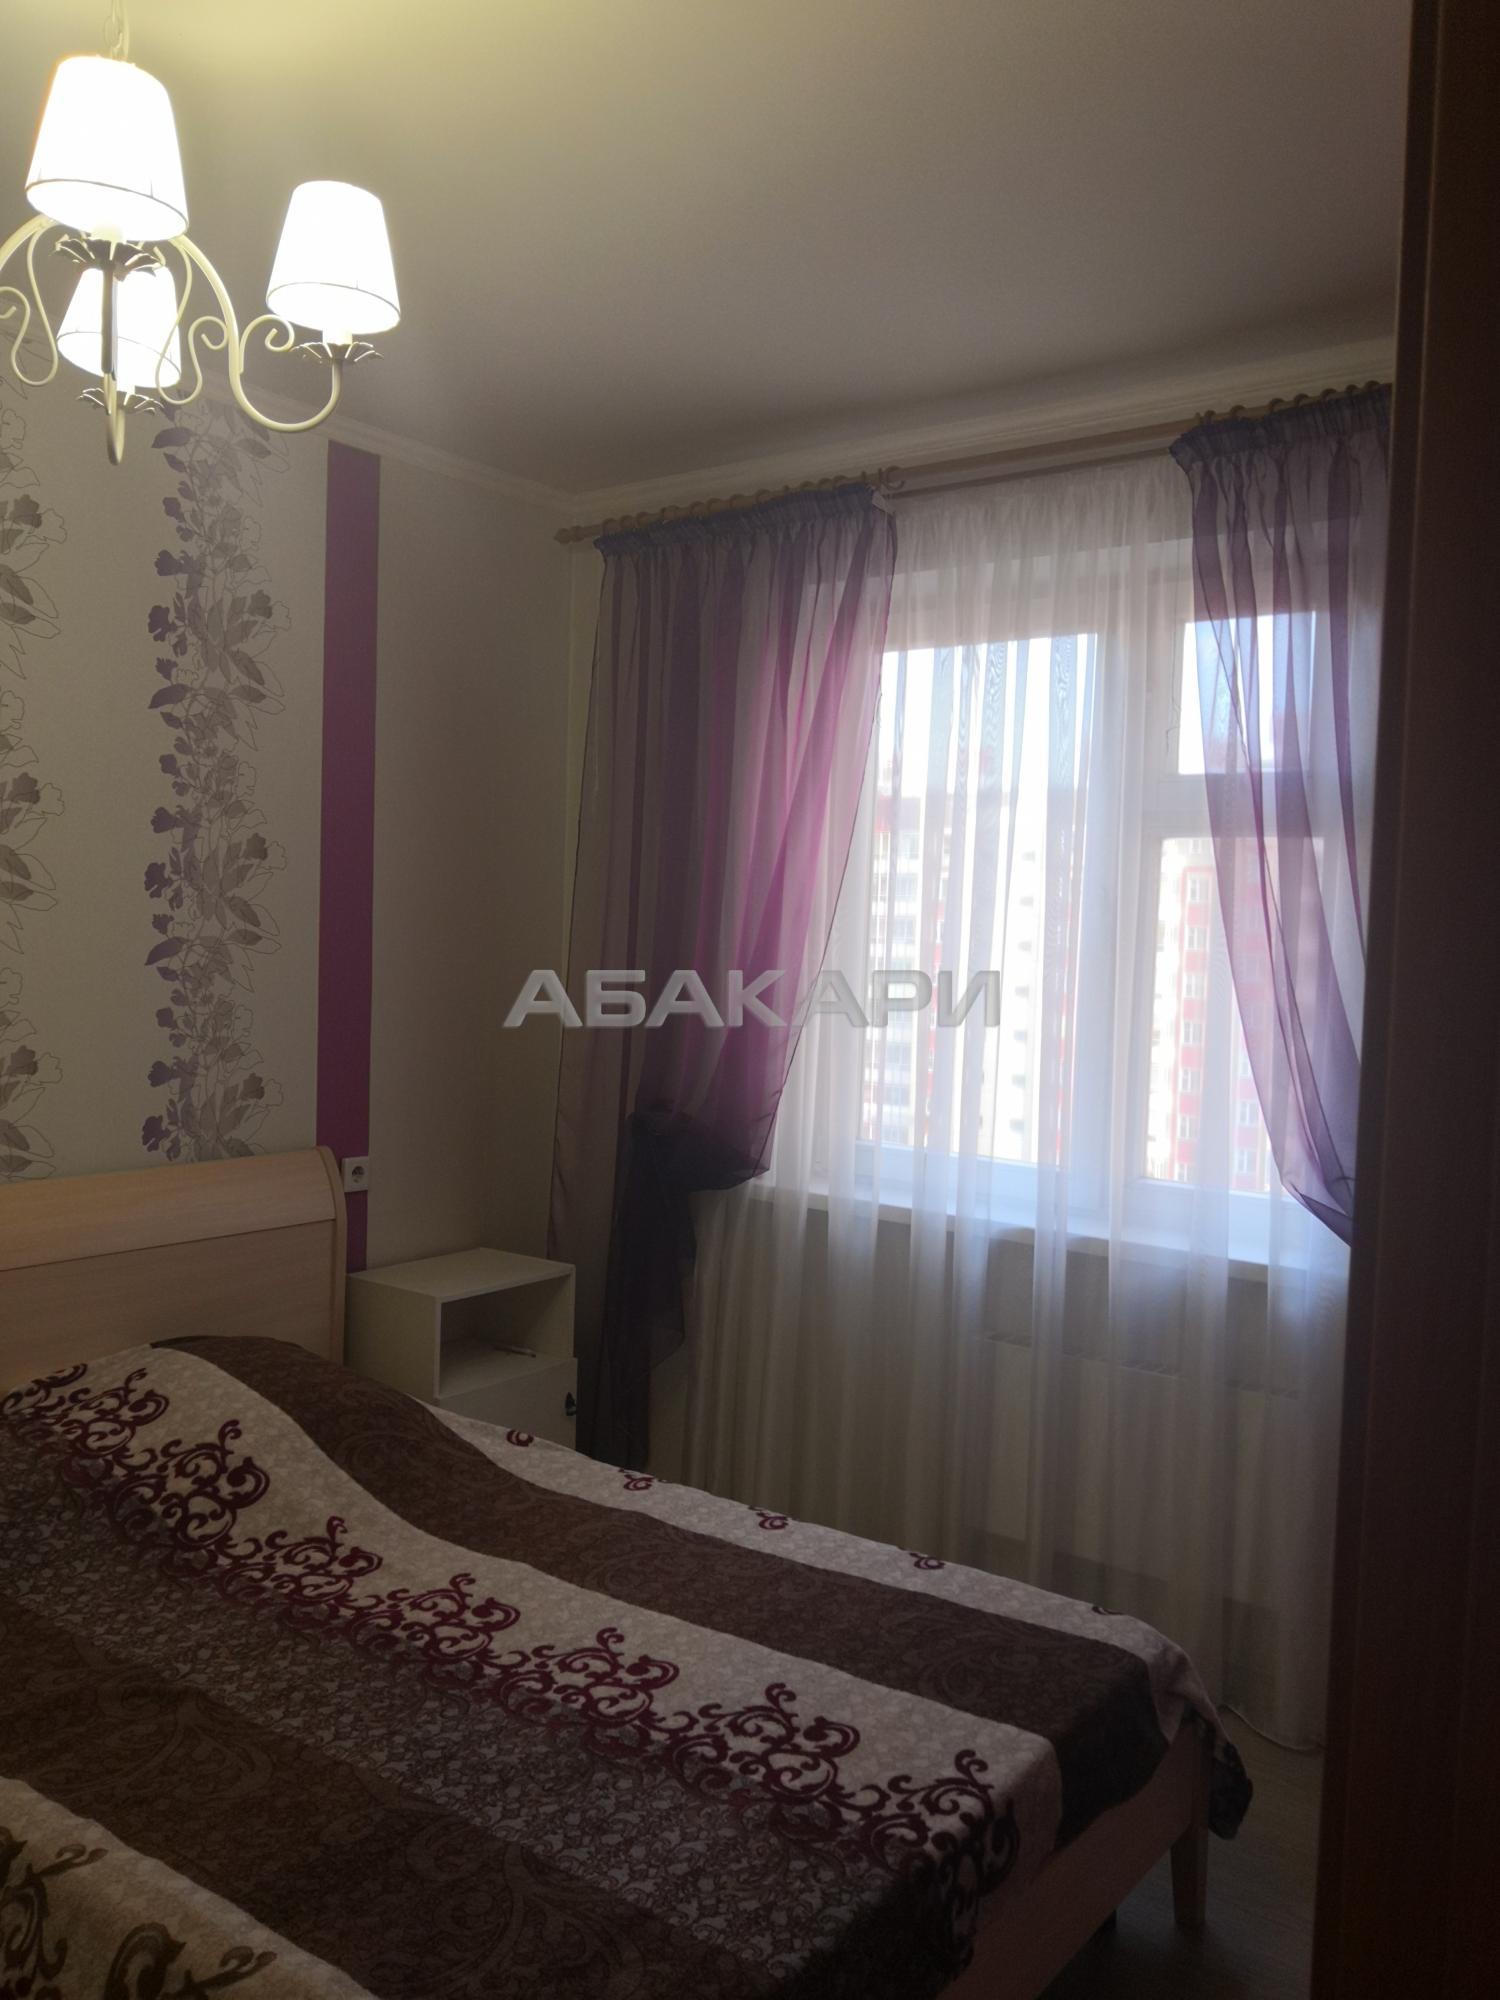 2к квартира улица Академика Киренского, 71 8/10 - 54кв | 28000 | аренда в Красноярске фото 4